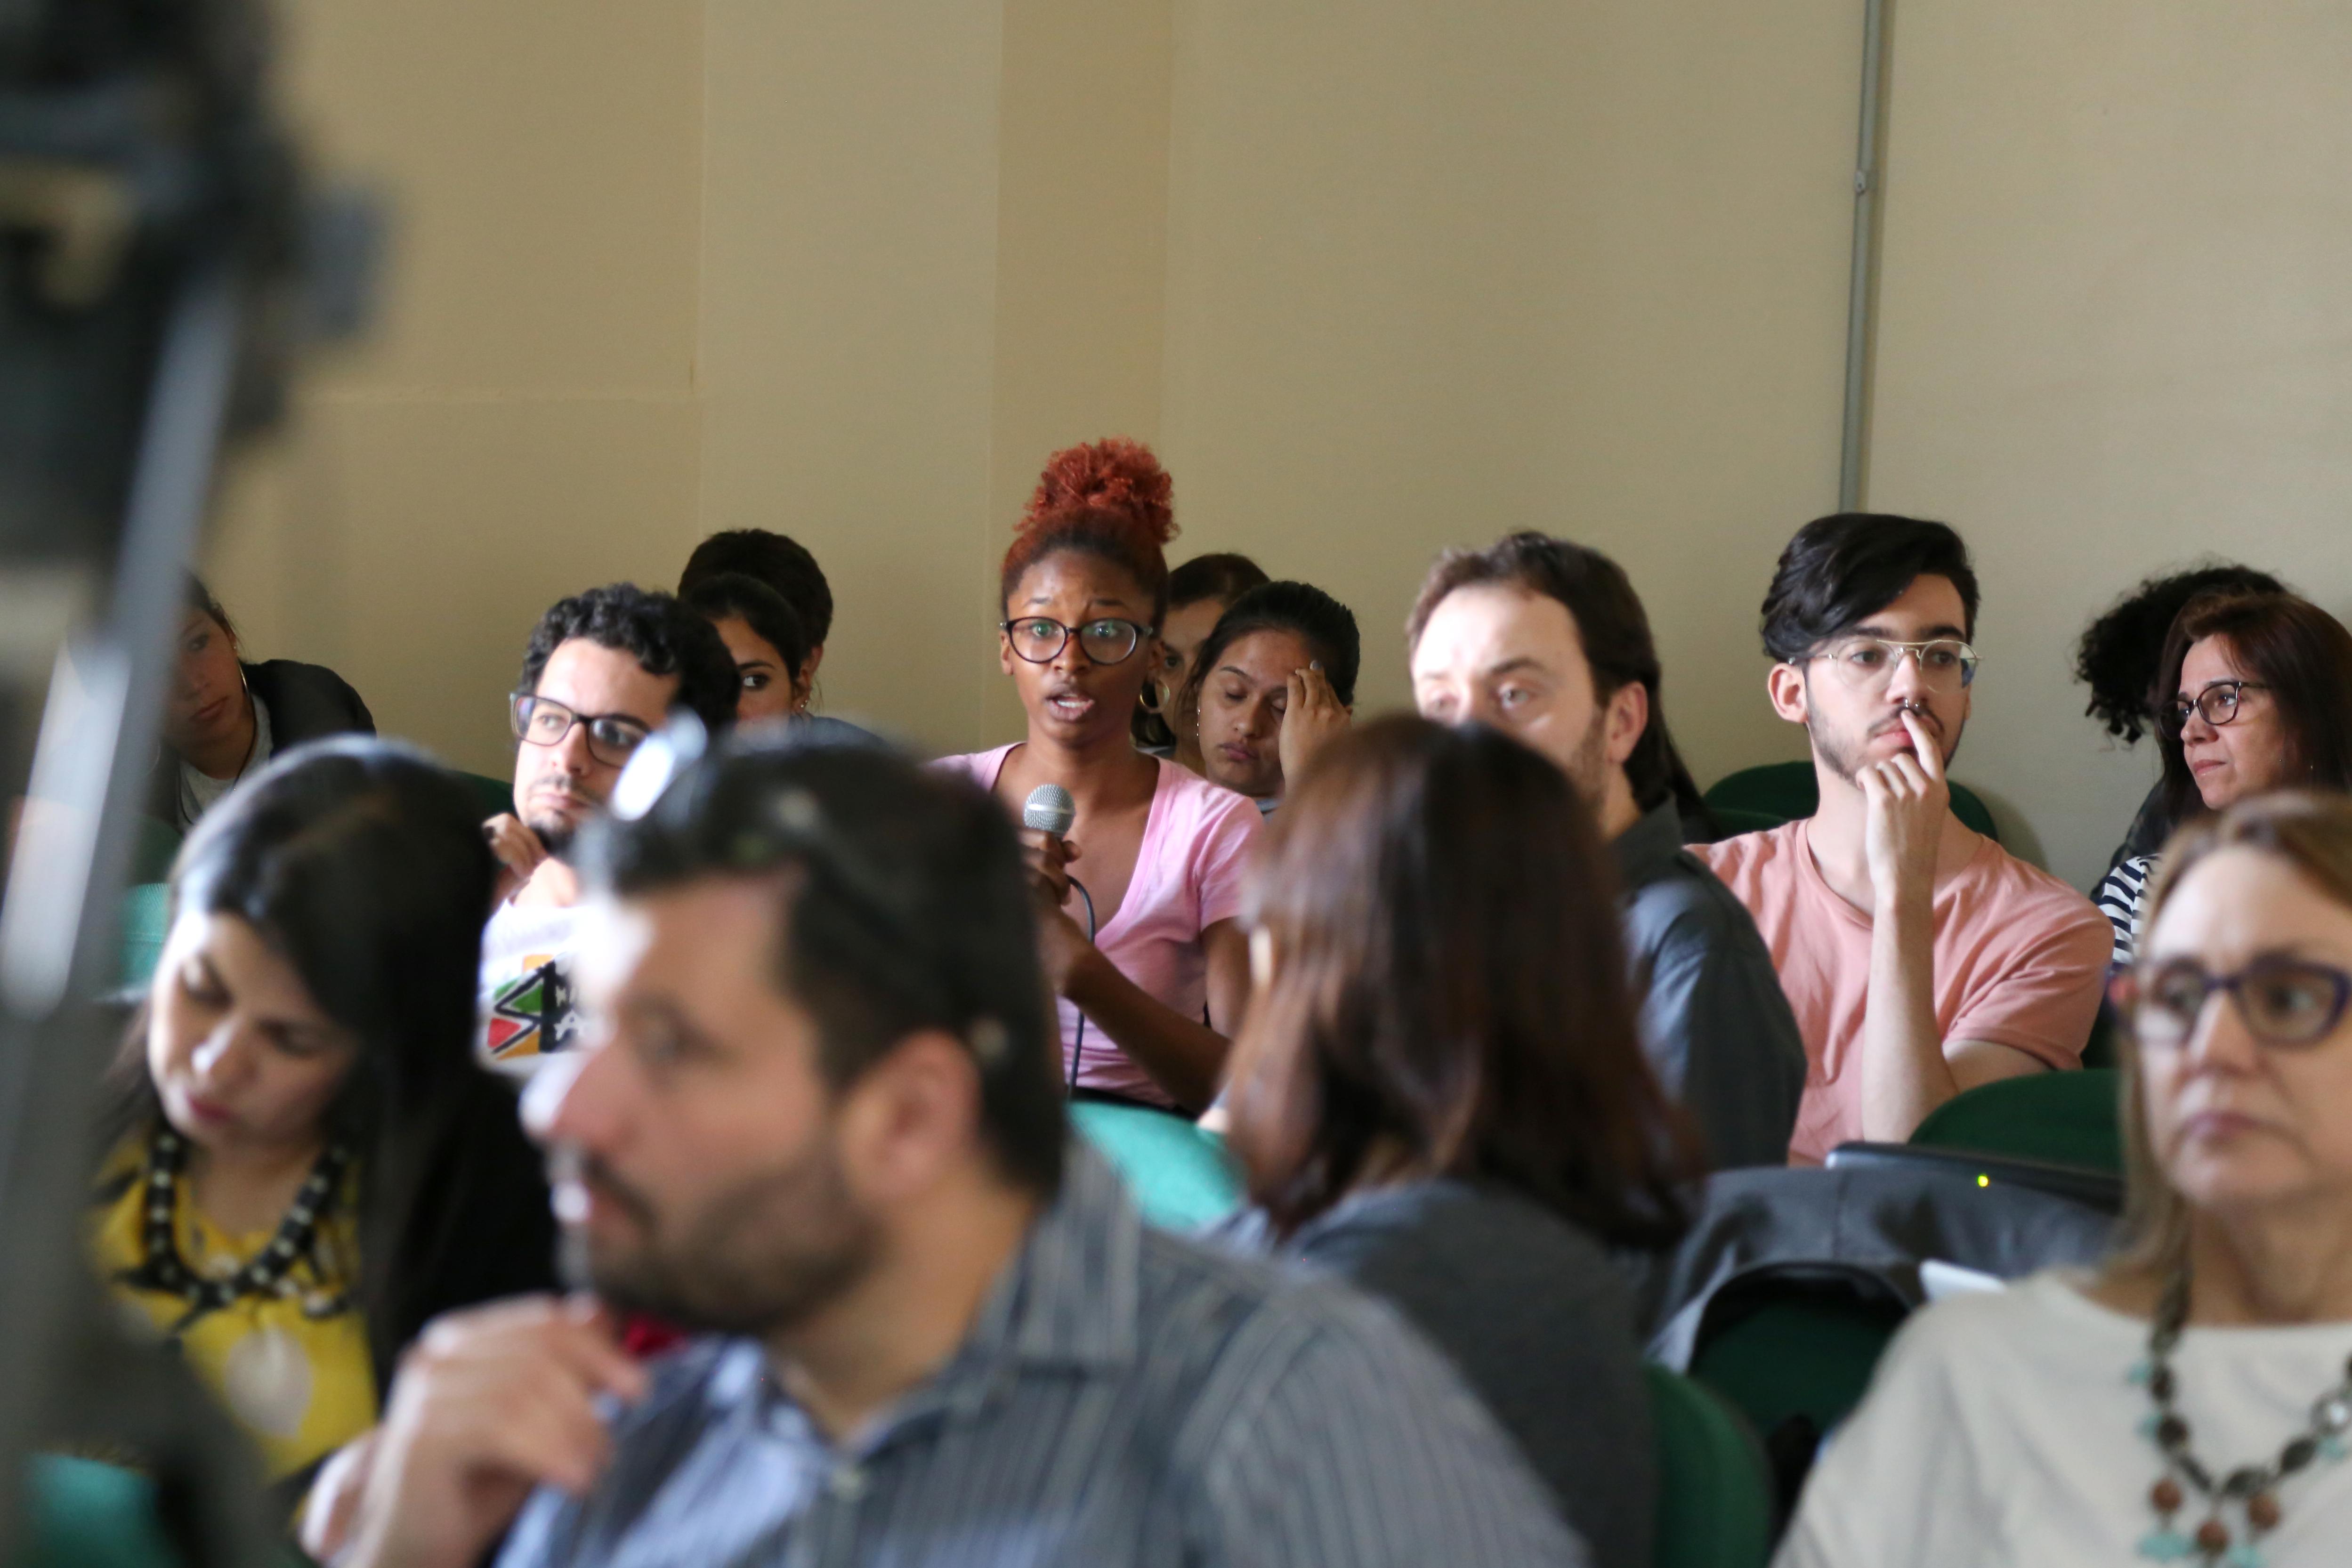 Encontro do PDI reuniu comunidade acadêmica em São Borja - Foto Milene Marchezan/ACS Unipampa